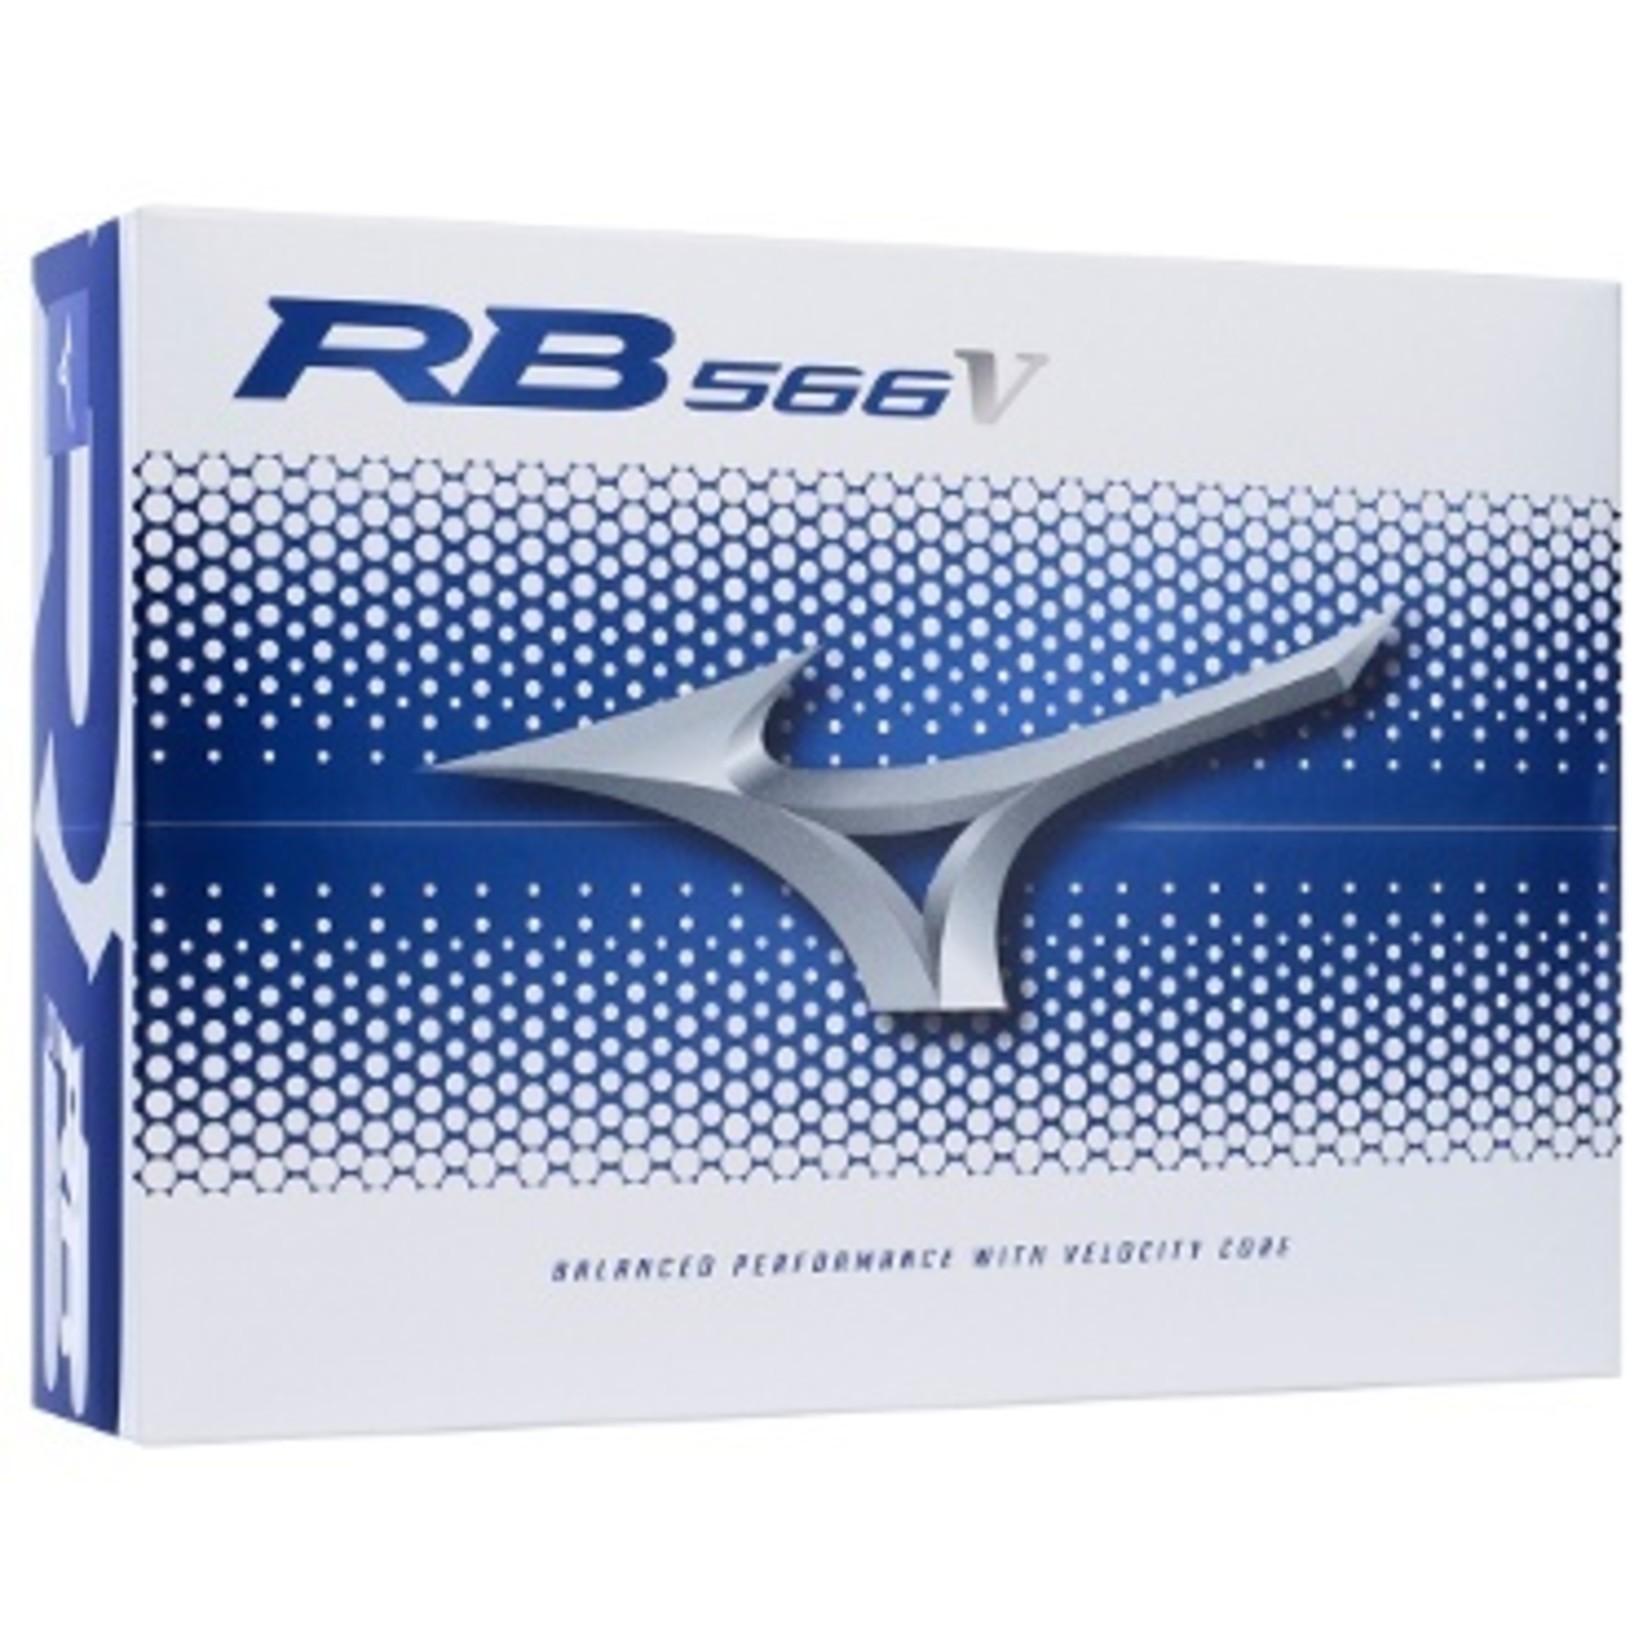 Mizuno Mizuno RB Golf Balls RB 566V